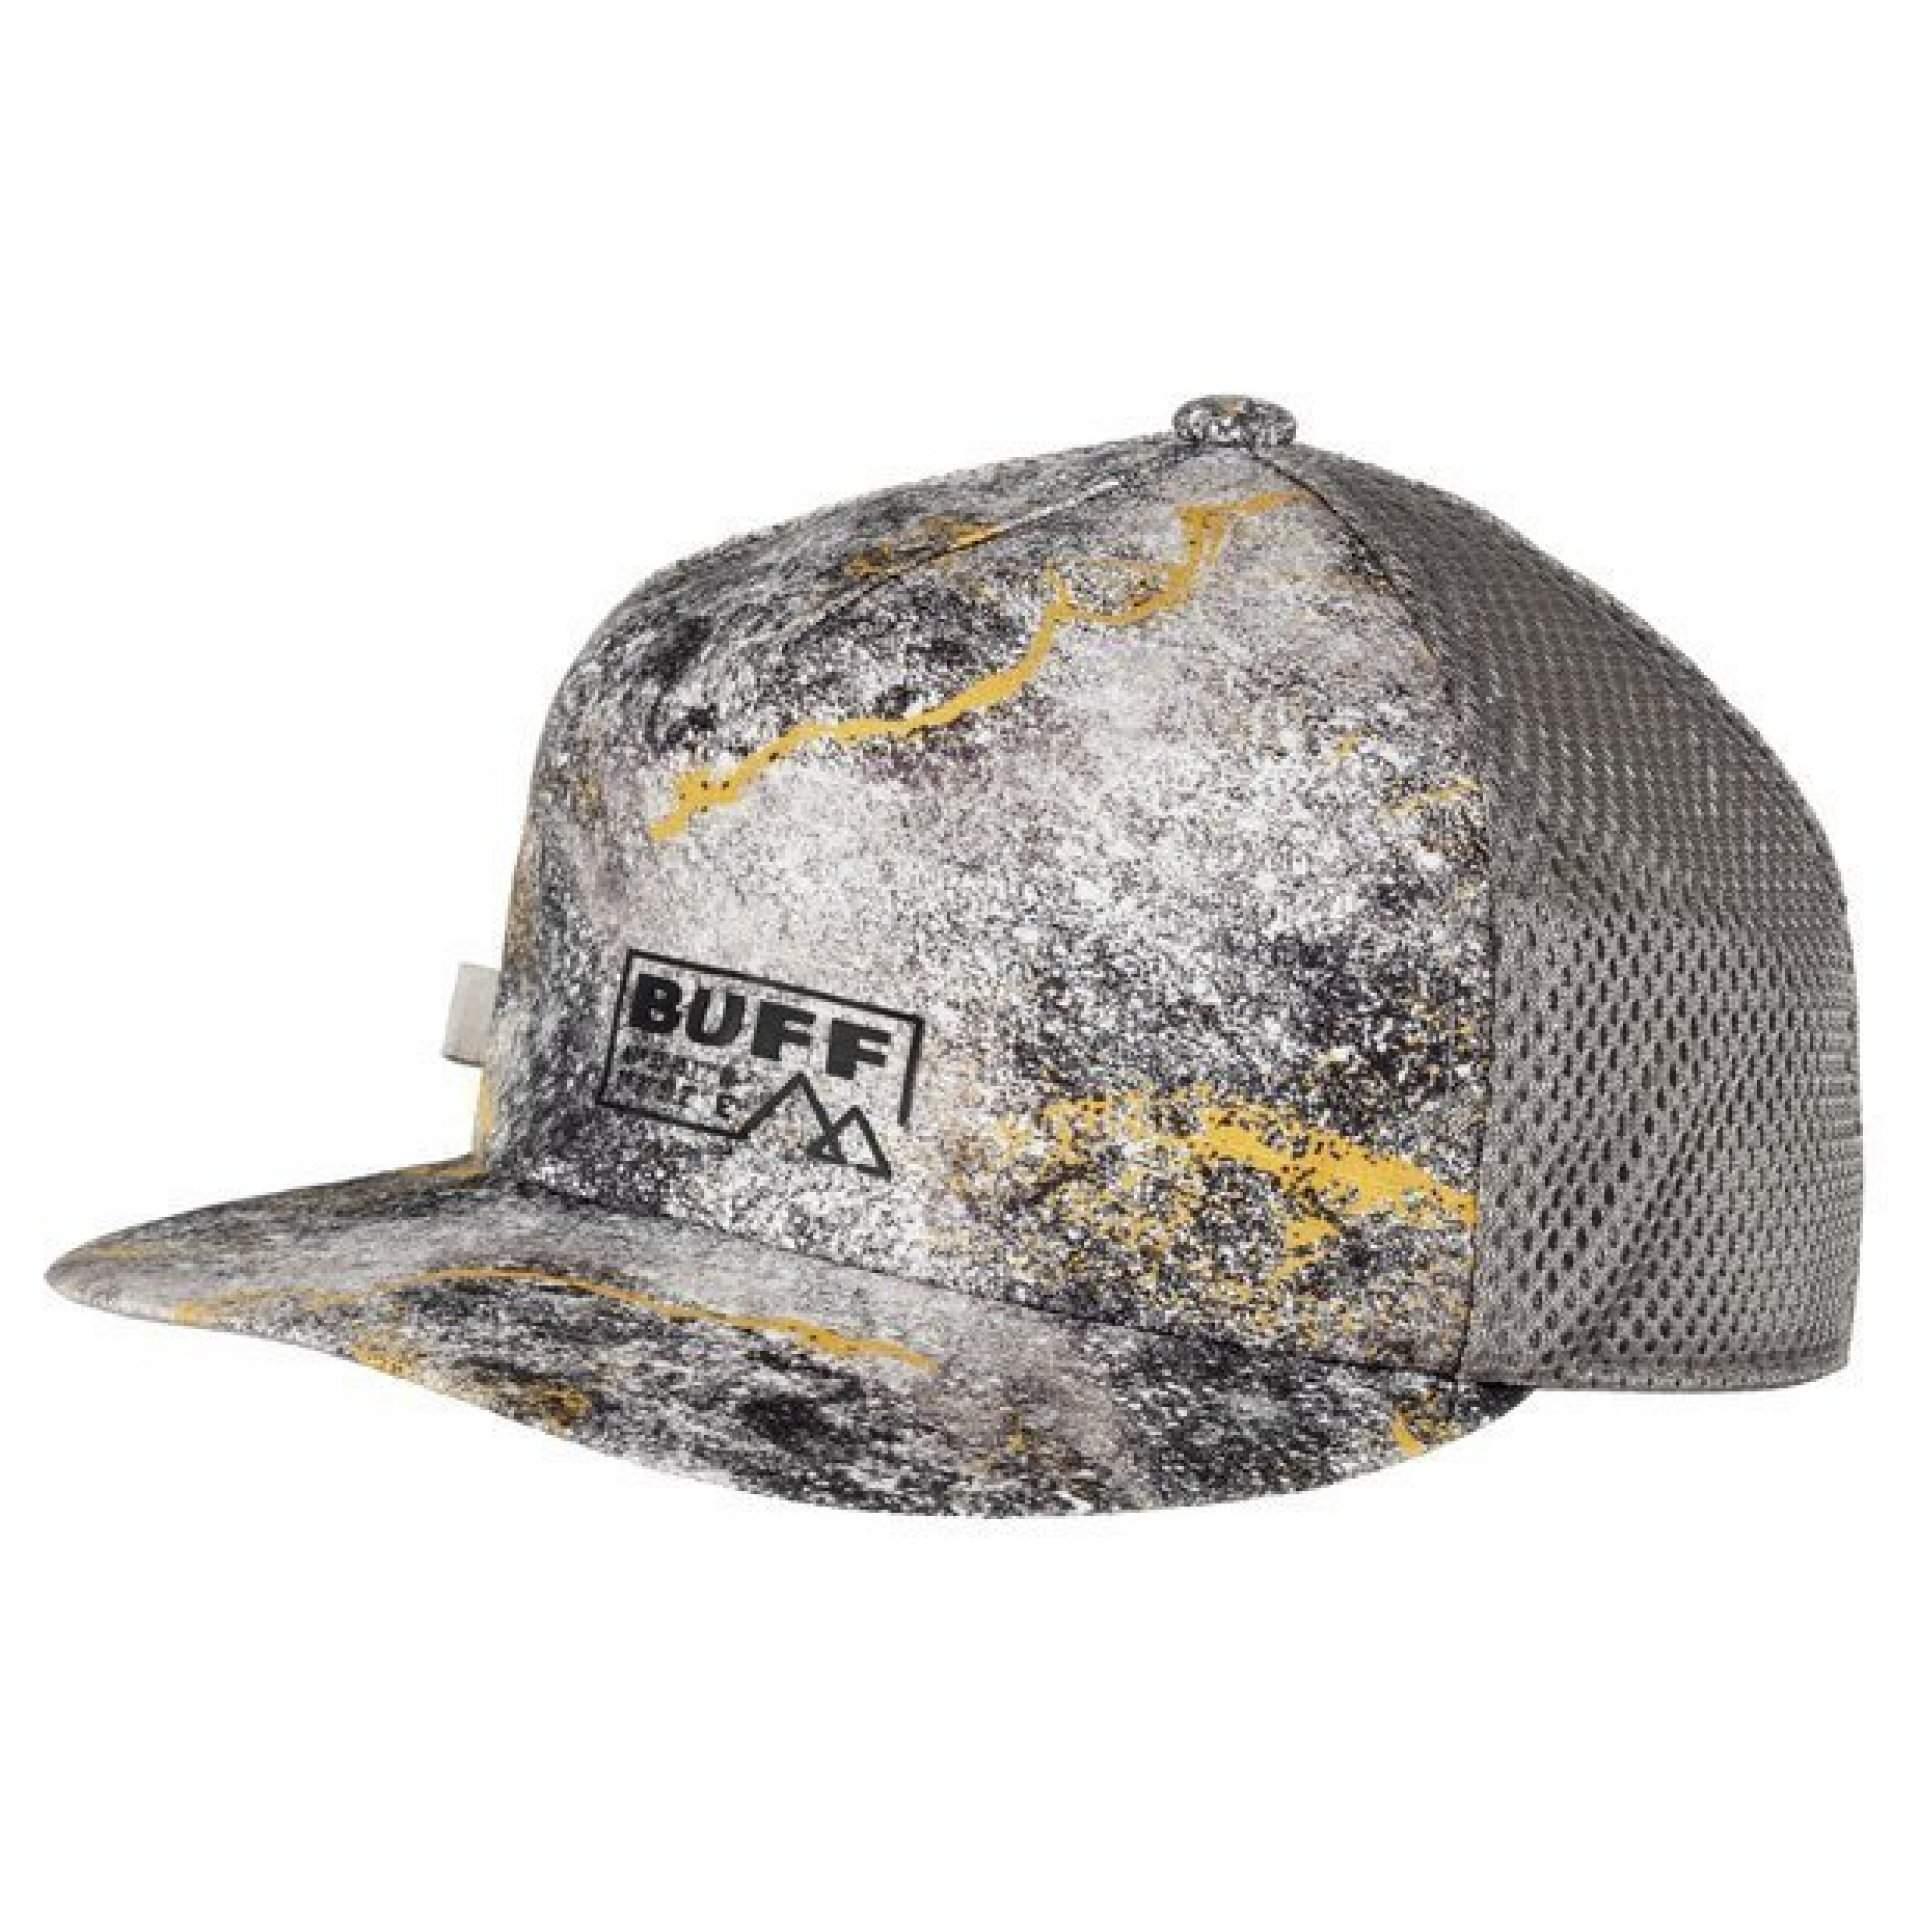 CZAPKA Z DASZKIEM BUFF PACK TRUCKER CAP METAL GREY